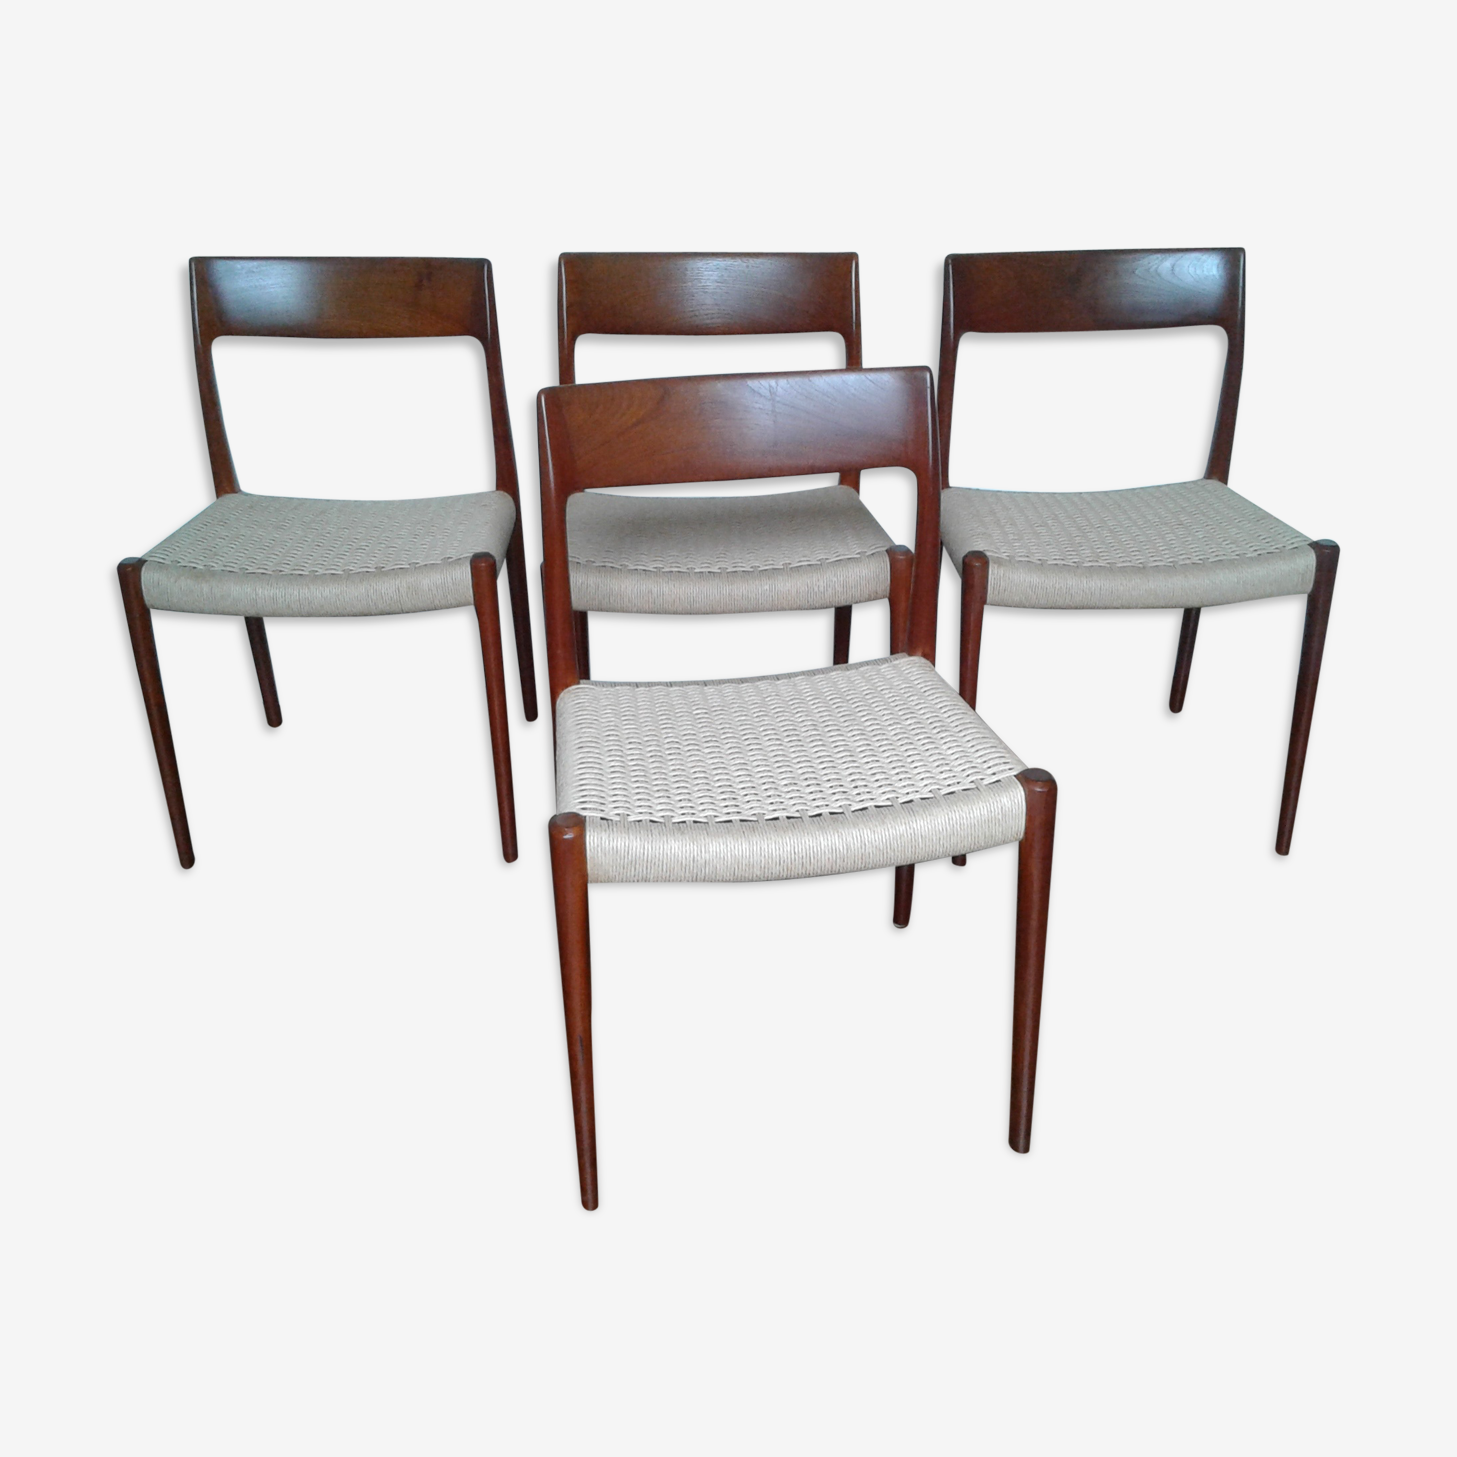 Lot de 4 chaises scandinave de Niels Moller Niels années 60